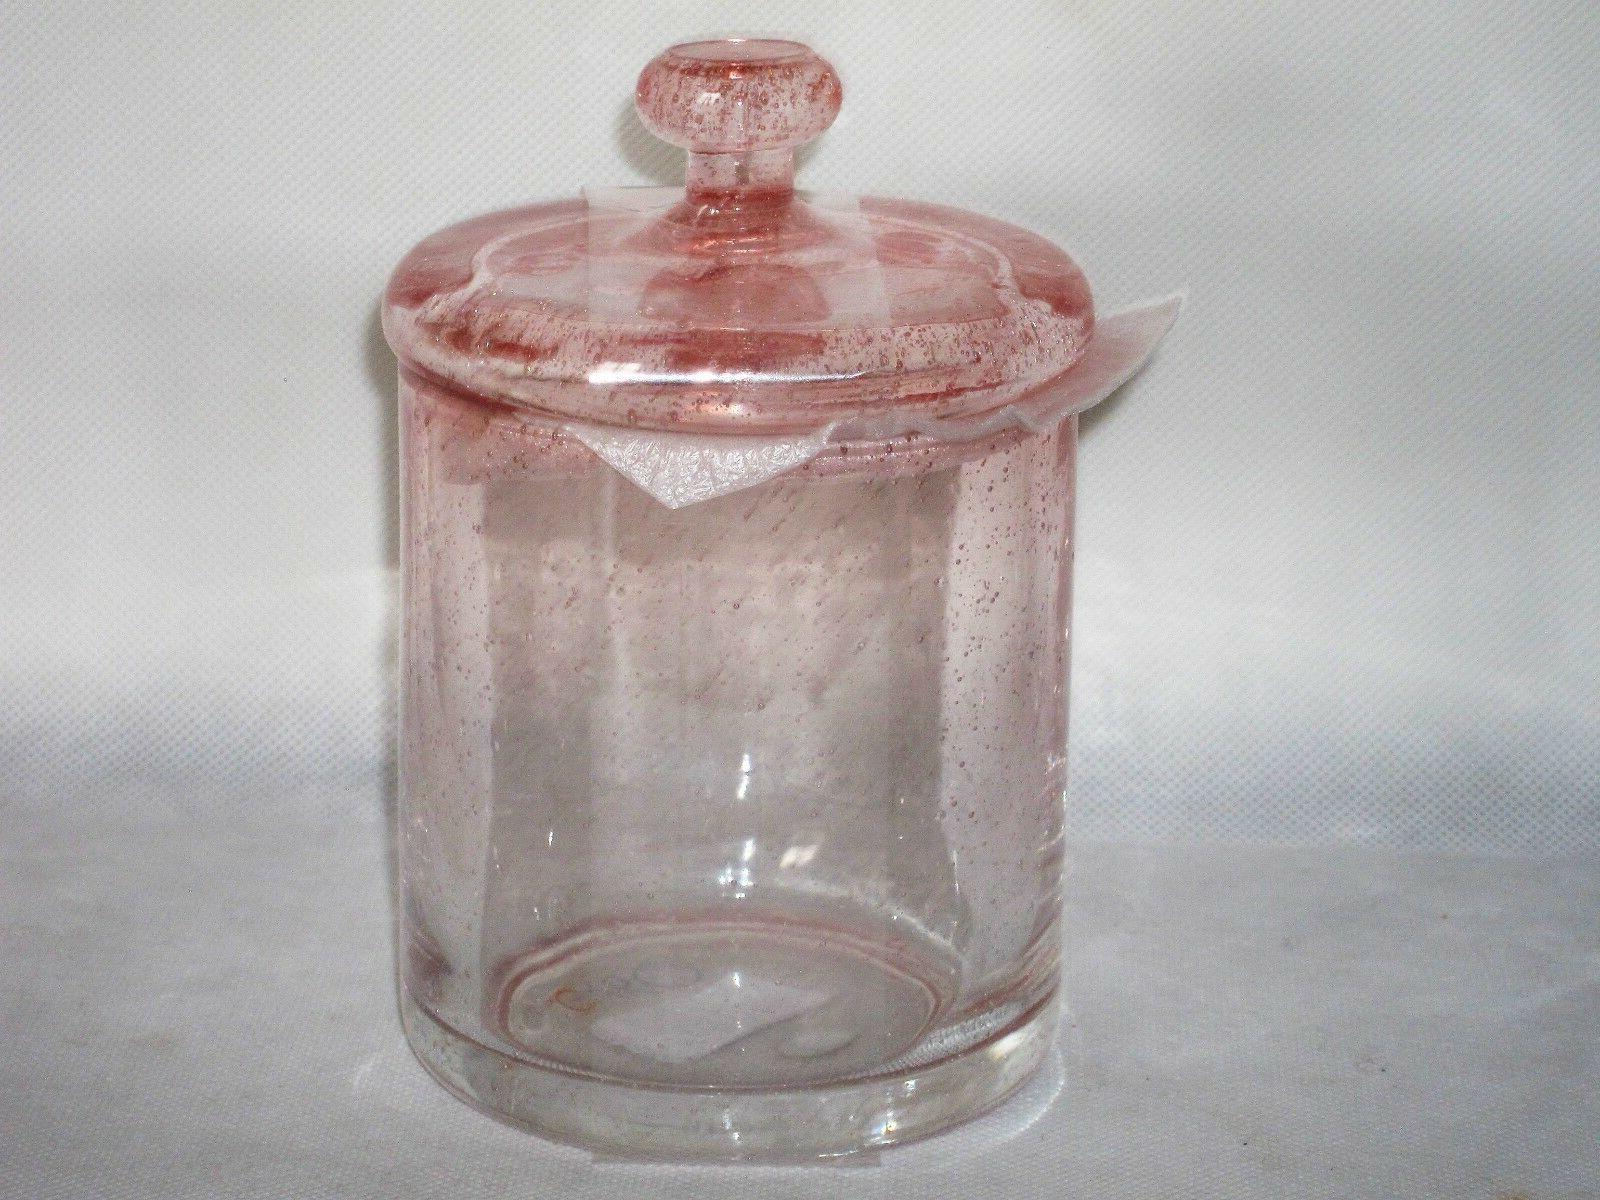 CARO Accessory Bubble Glass Ombre soap tumbler